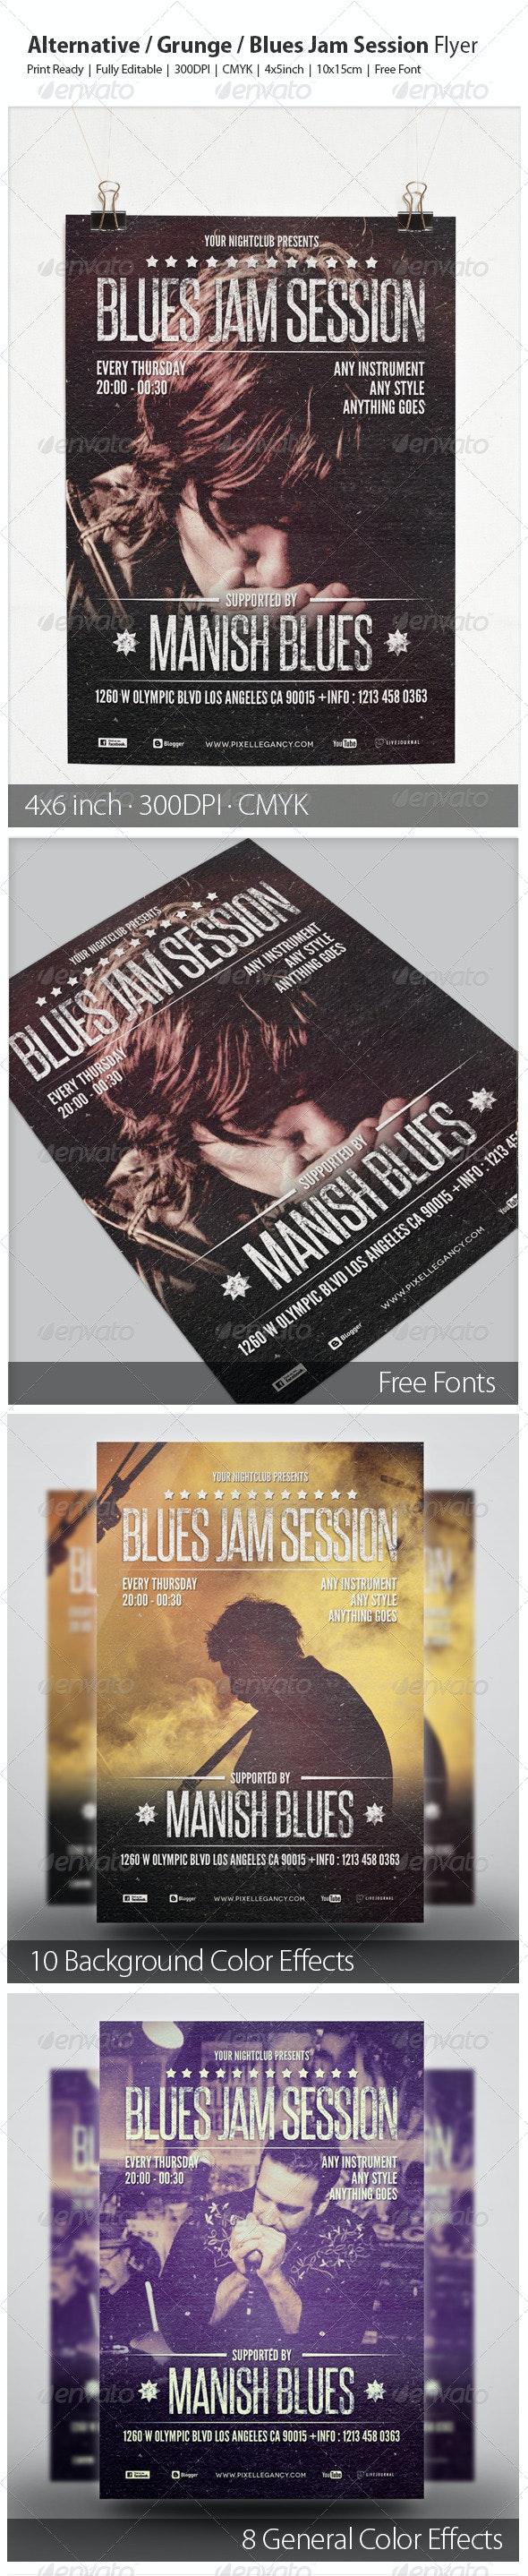 Alternative / Grunge / Blues Jam Session Flyer - Concerts Events